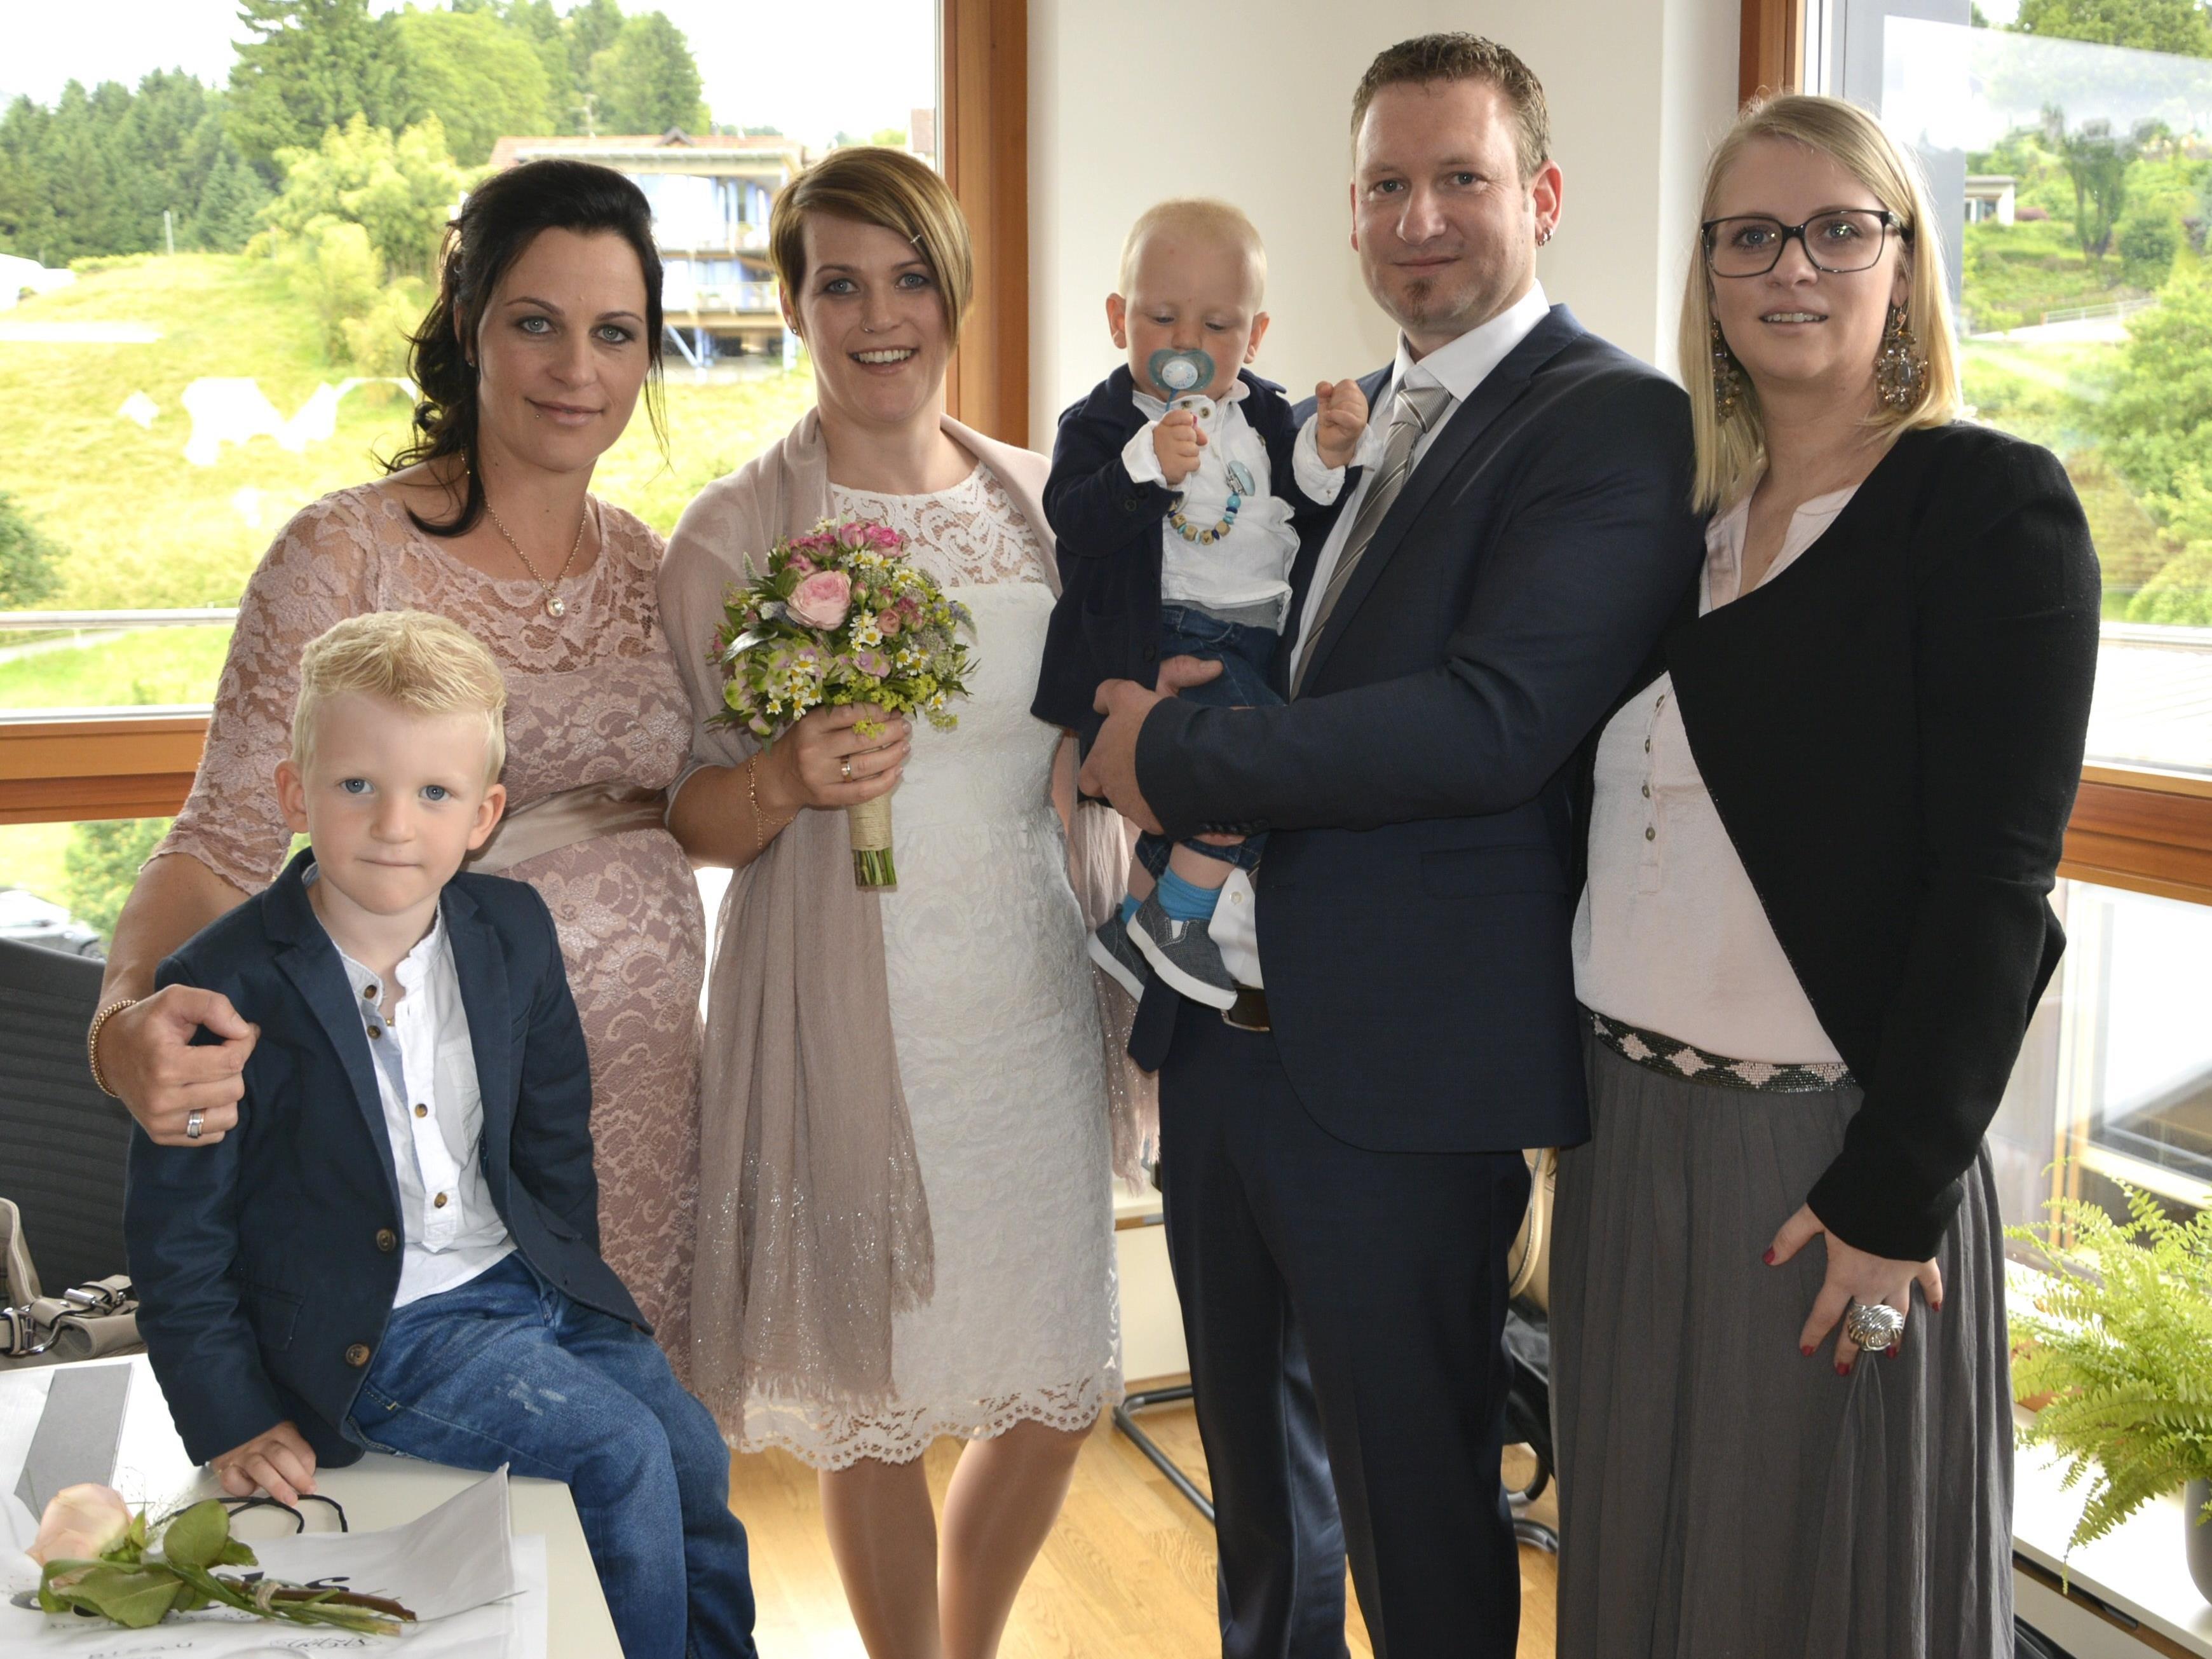 Das Brautpaar mit den Trauzeugen und den Buben, Linus und Marwin, bei der standesamtlichen Trauung in Schwarzach.